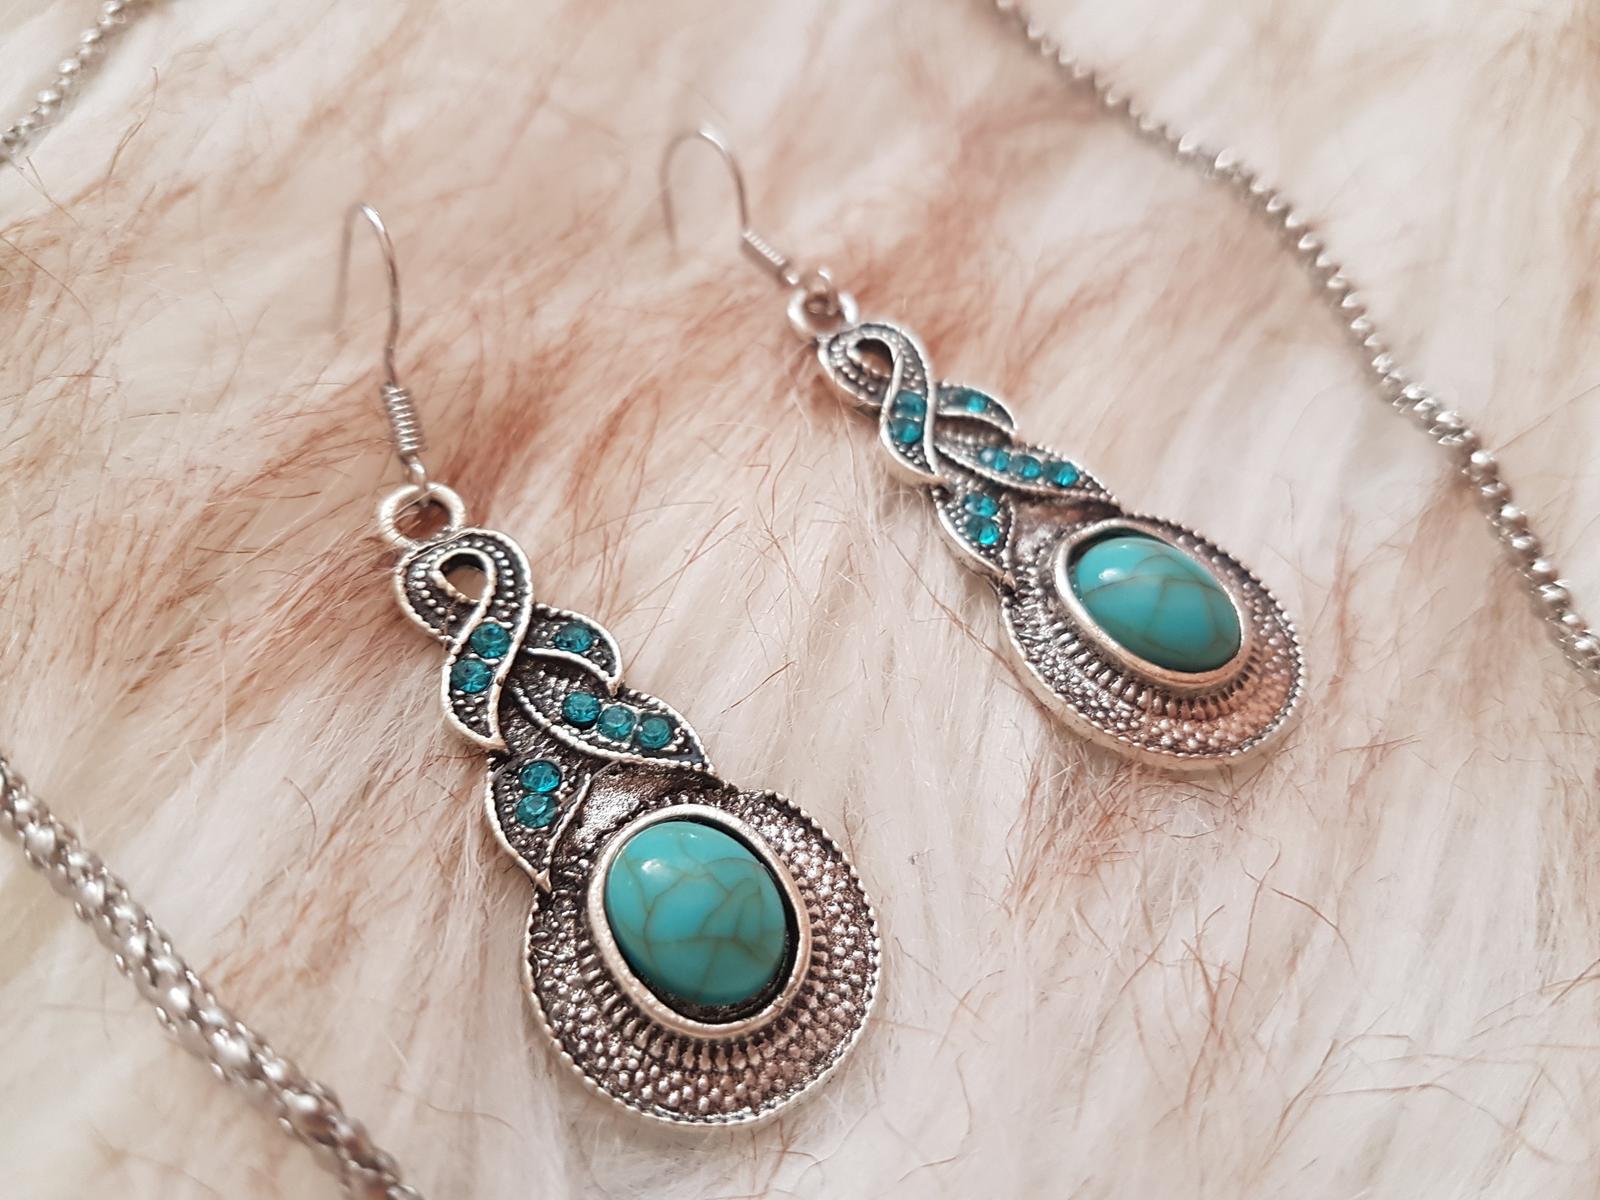 náhrdelník s náušnicami - Obrázok č. 4